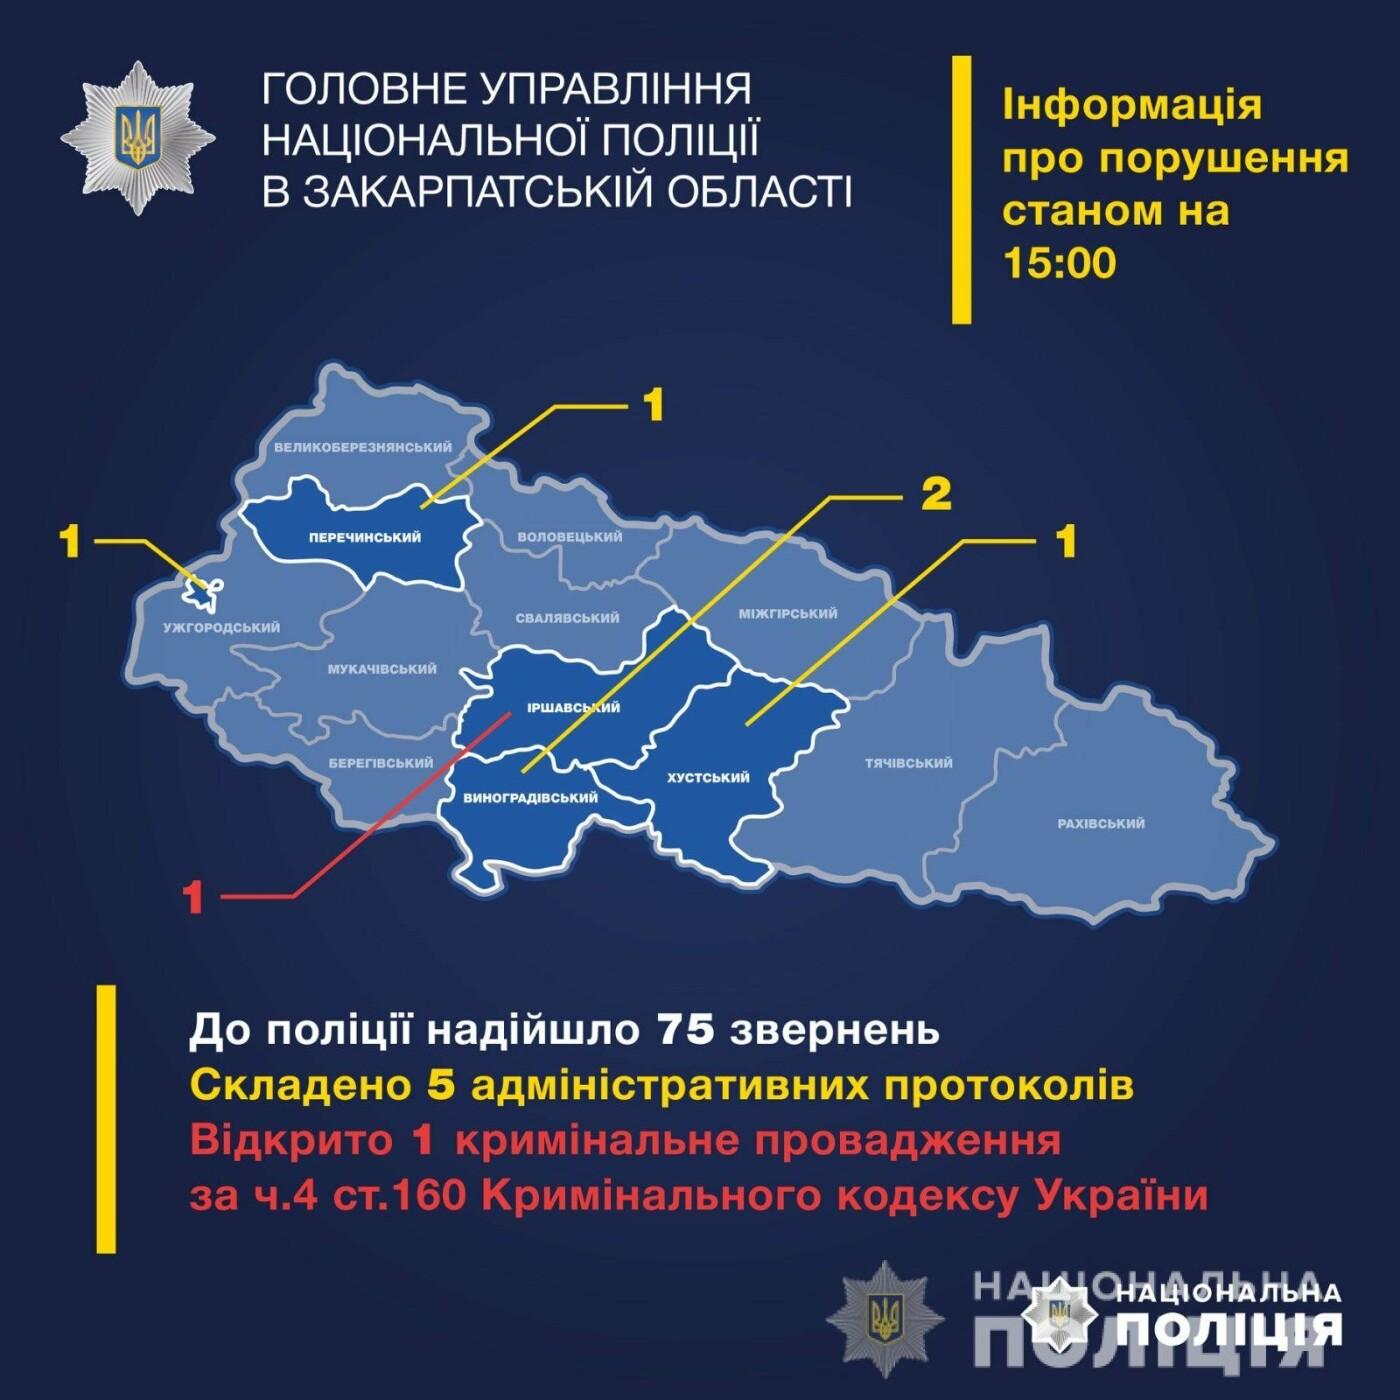 Поліція Закарпаття вже зафіксувала 75 звернень про порушення виборчого процесу, фото-1